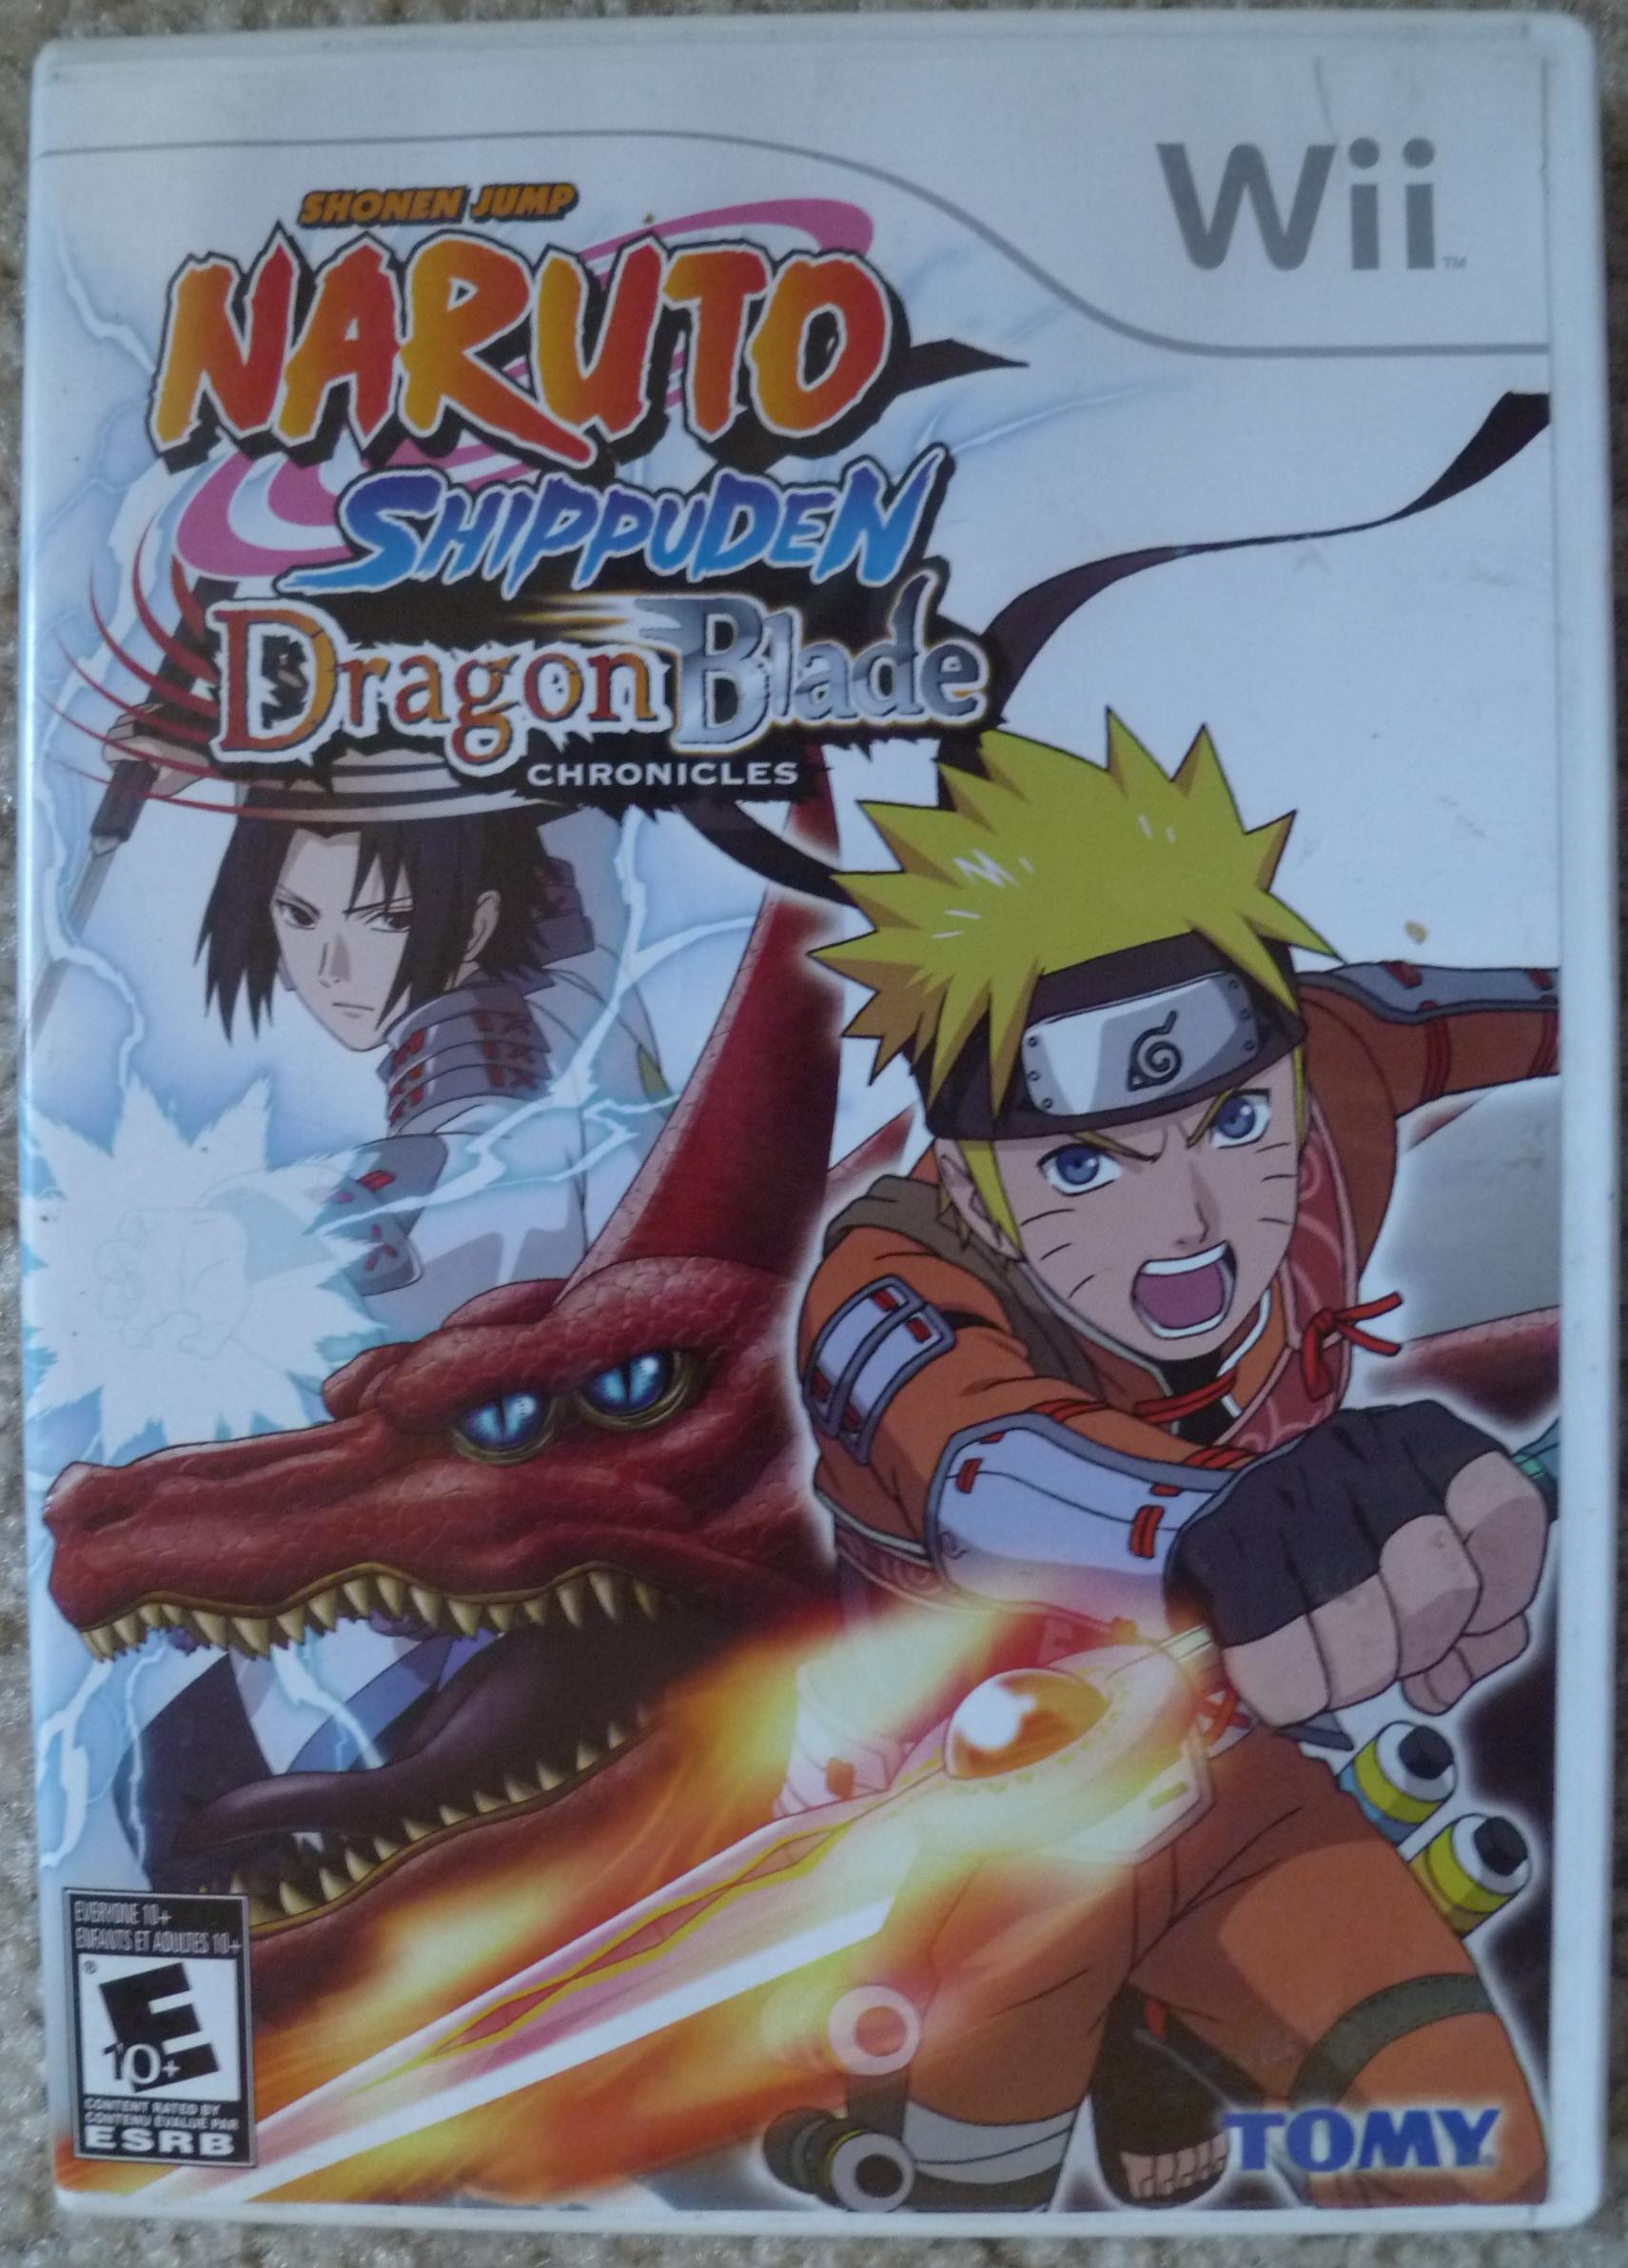 Naruto Shippuden Dragon Blade Chronicles Cover